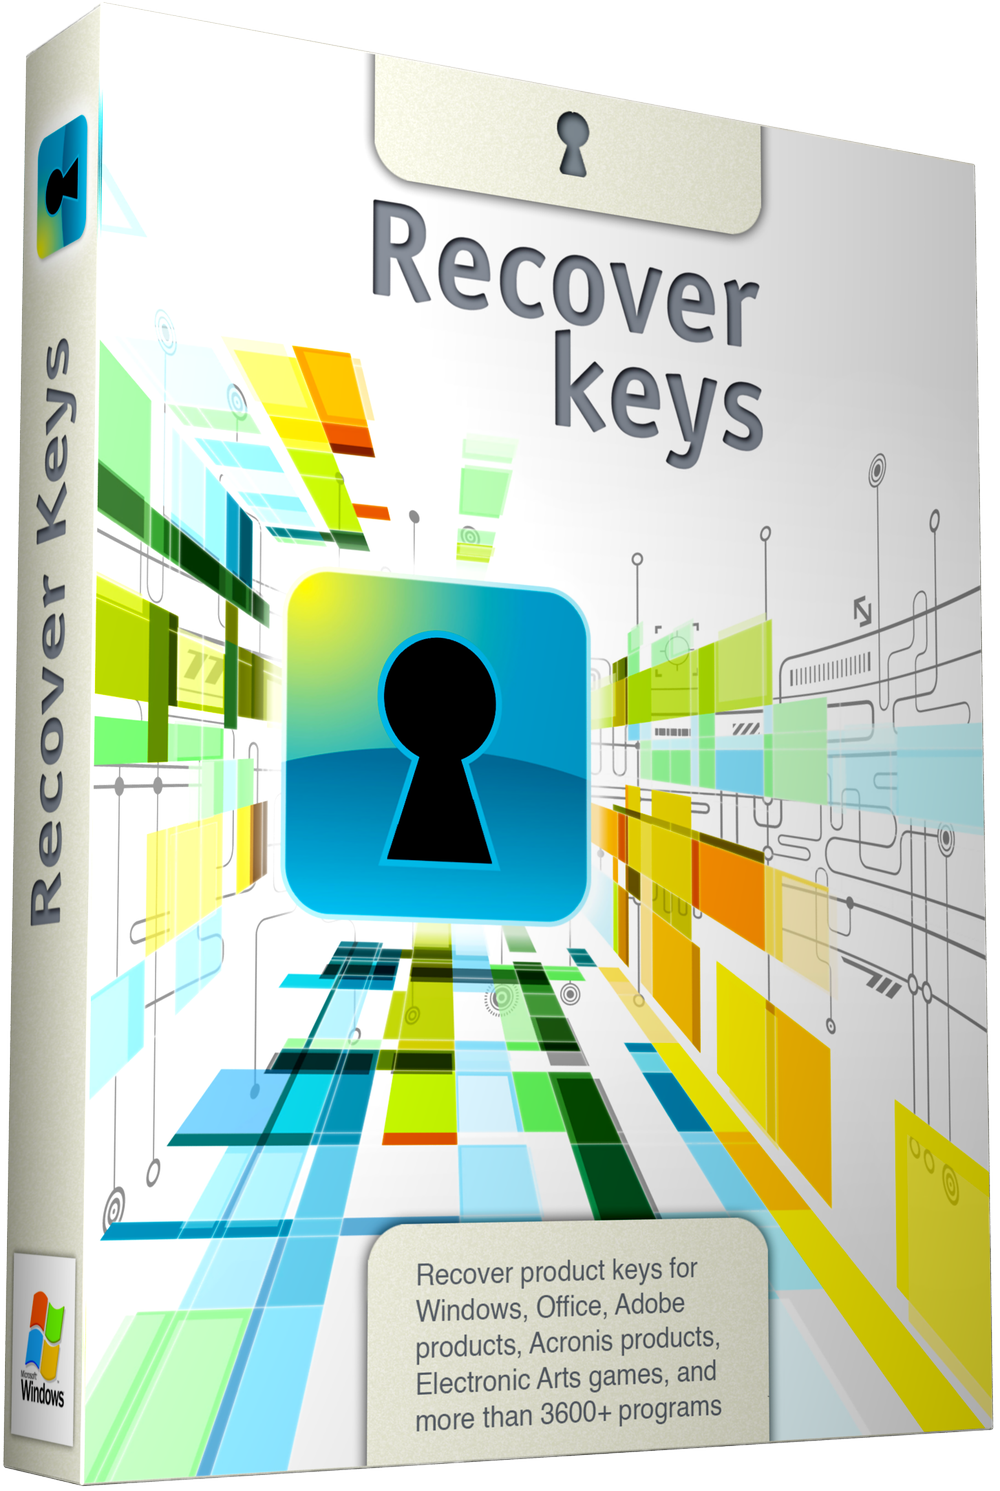 А что если вы потеряли активационный ключ от операционной системы